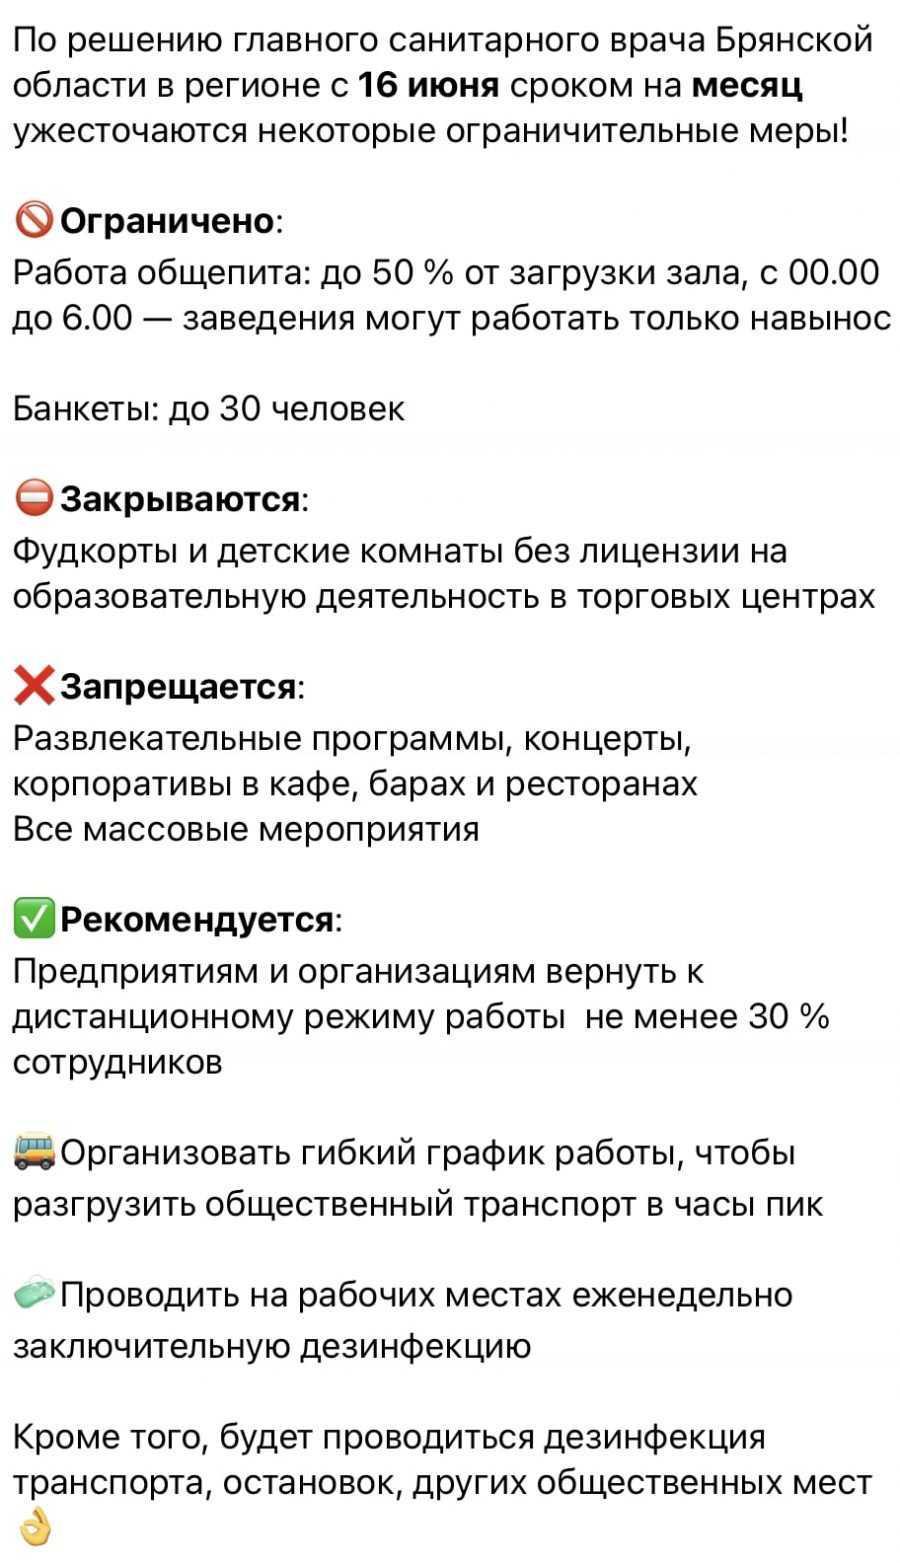 В Брянской области введены новые коронавирусные ограничения